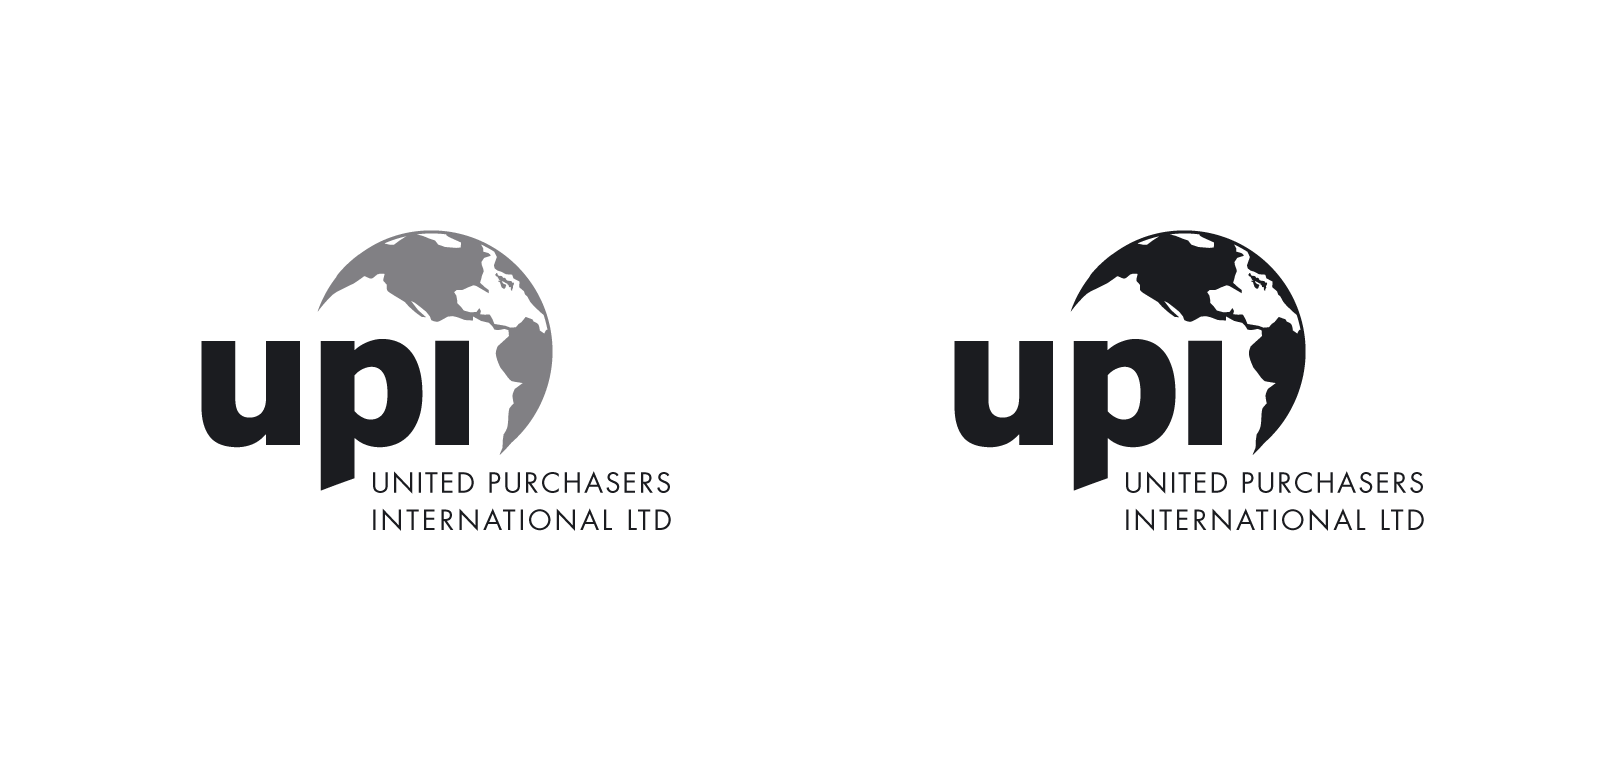 upi_03.png